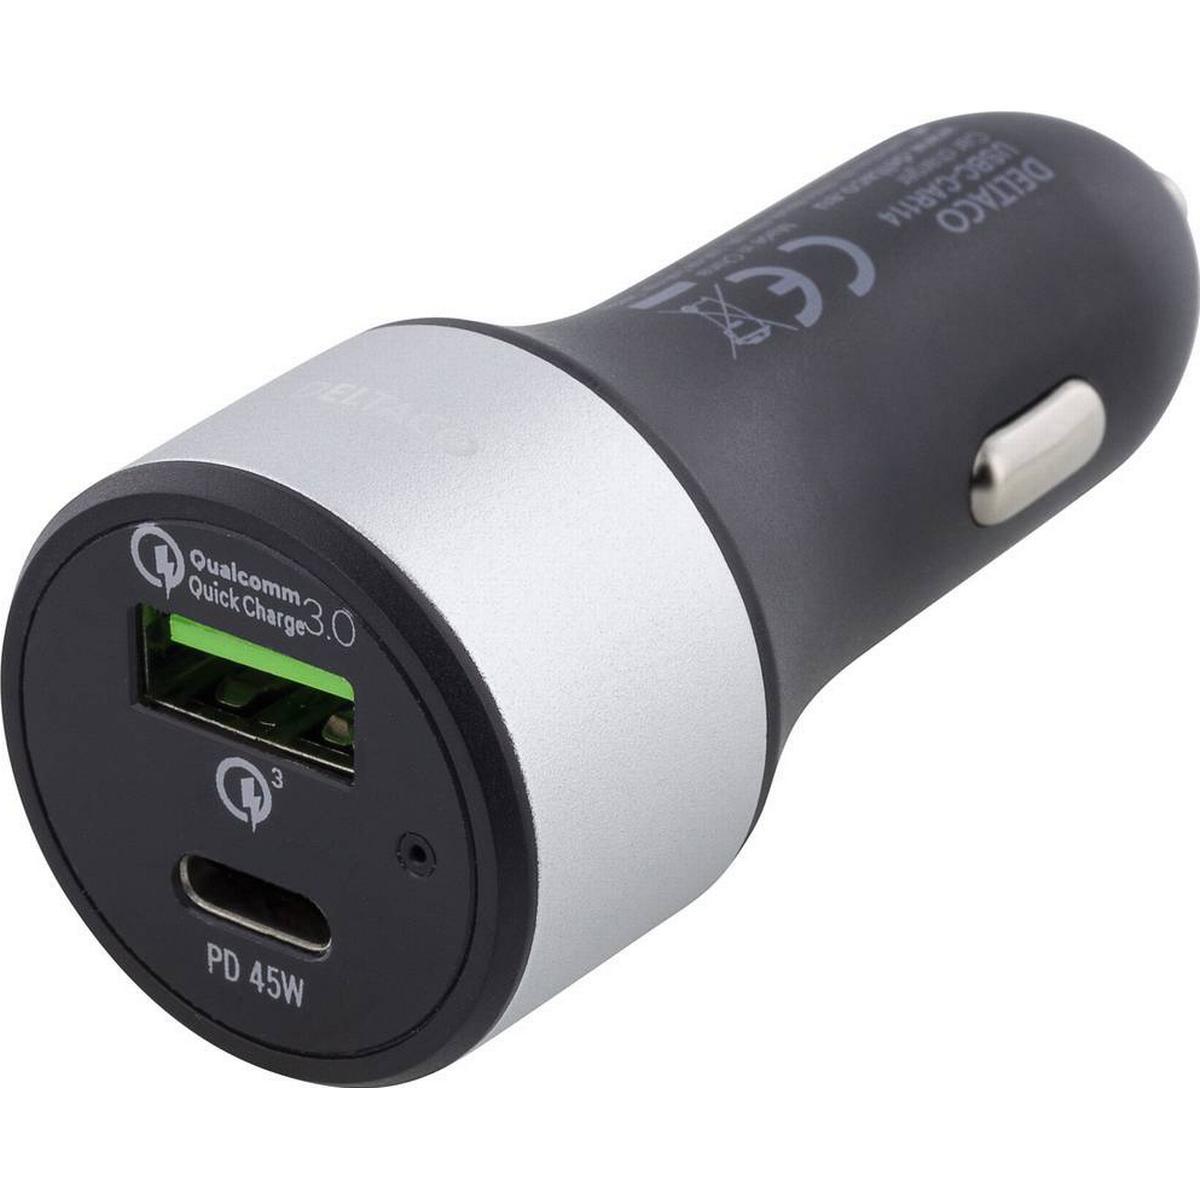 Deltaco USBC CAR100 • Se det lägsta priset (5 butiker) hos